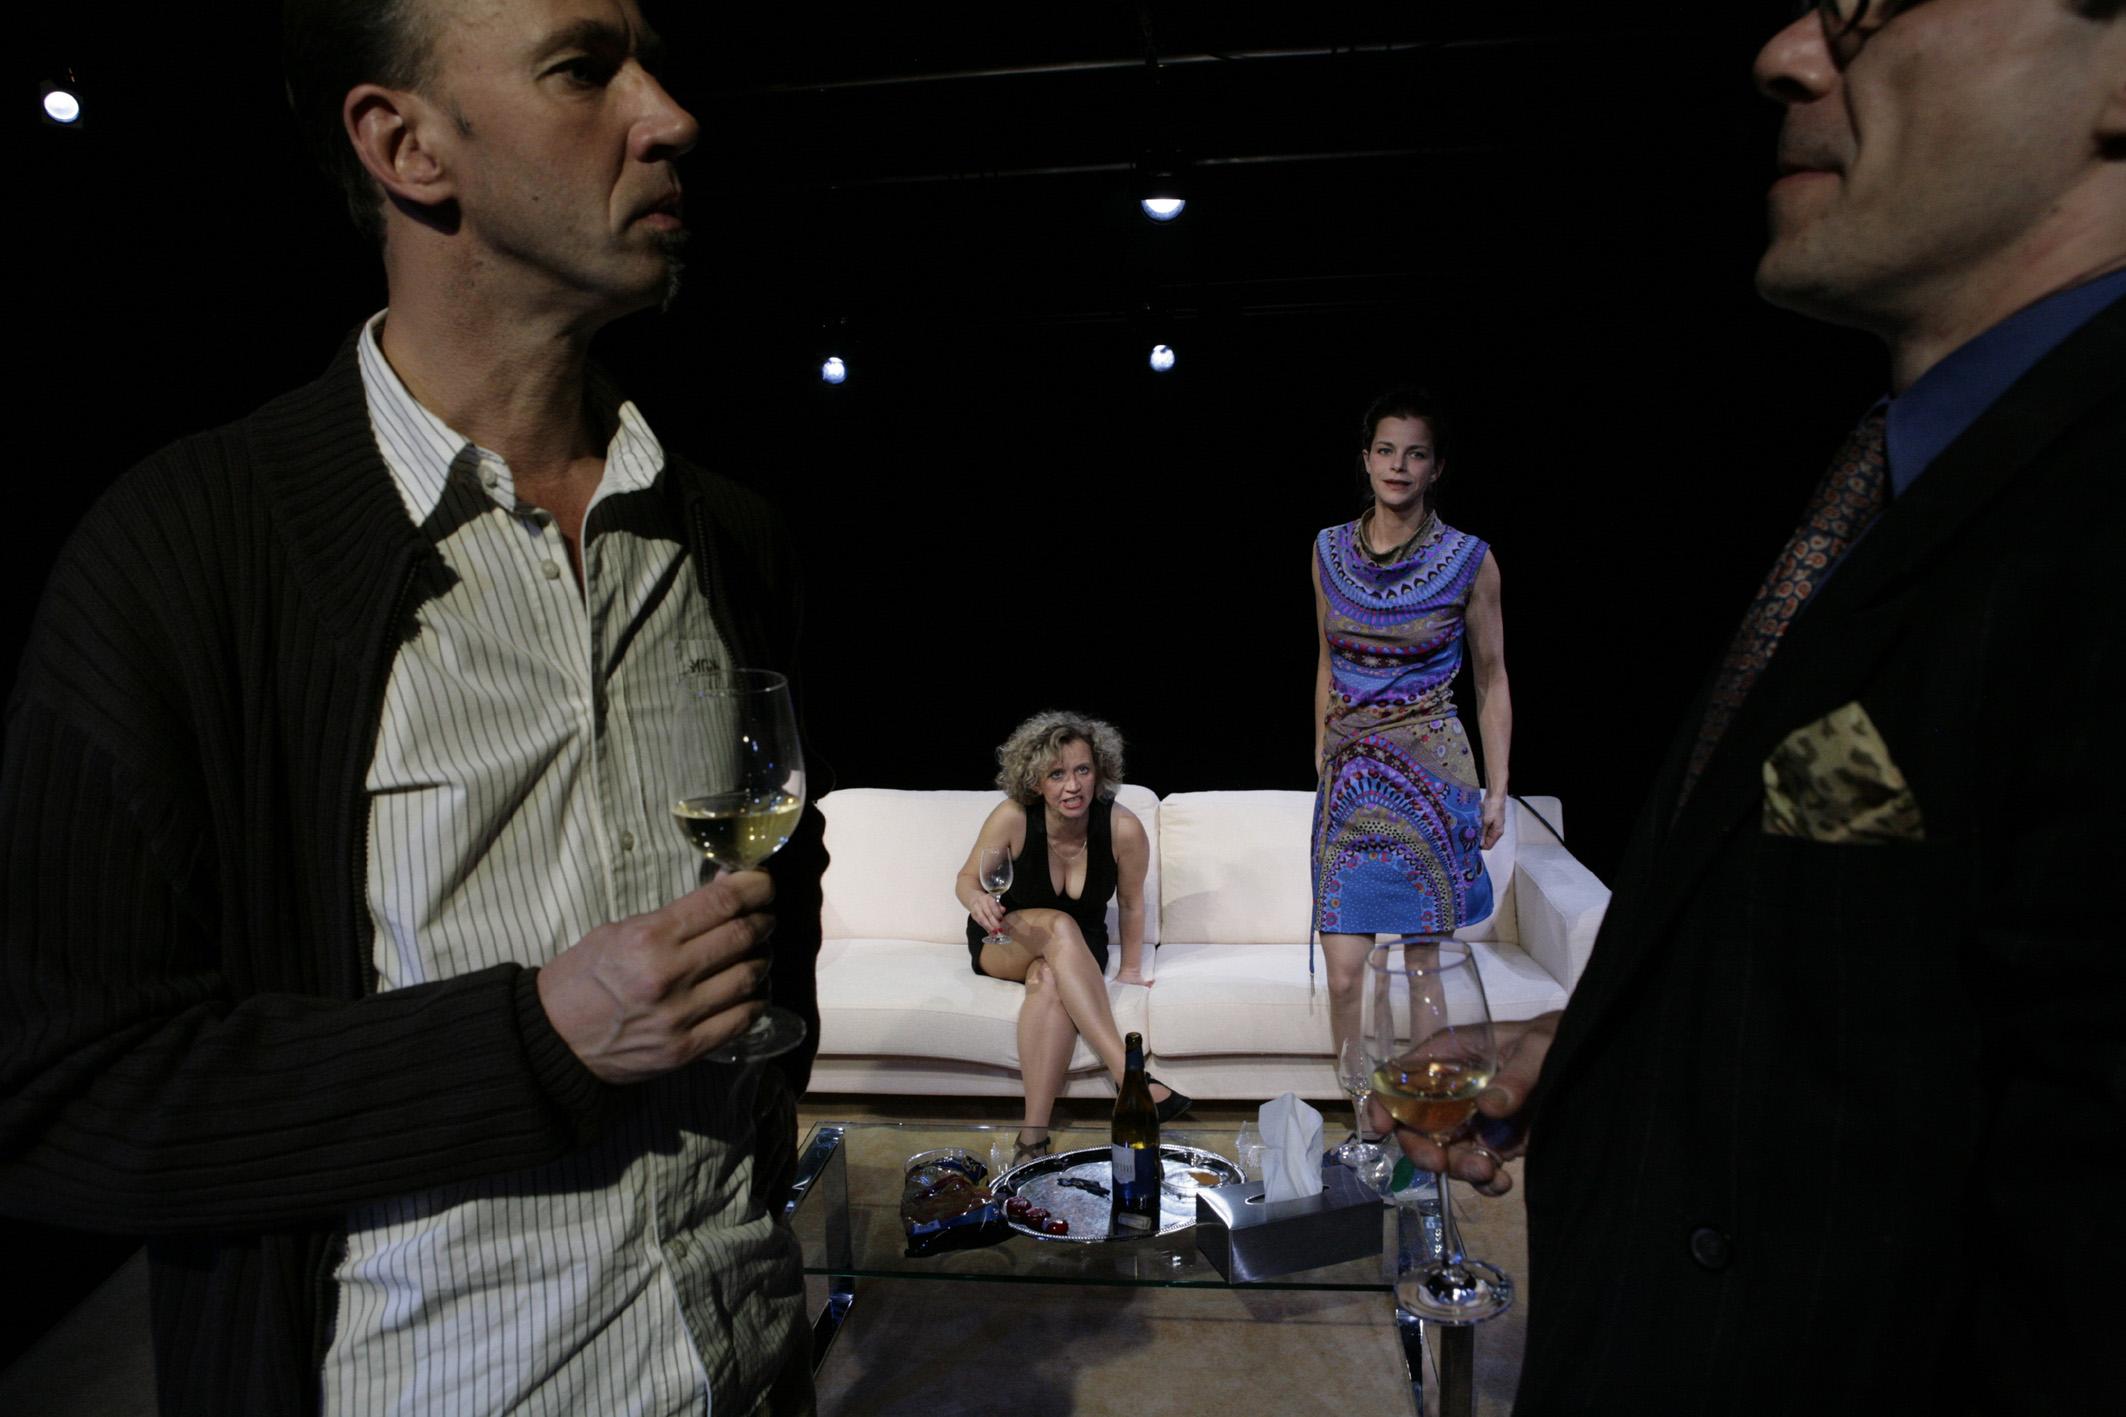 vorne: Schupp, Scherschel; im Hintergrund: Kaminski, Conrad in DREI MAL LEBEN © Felix Holland